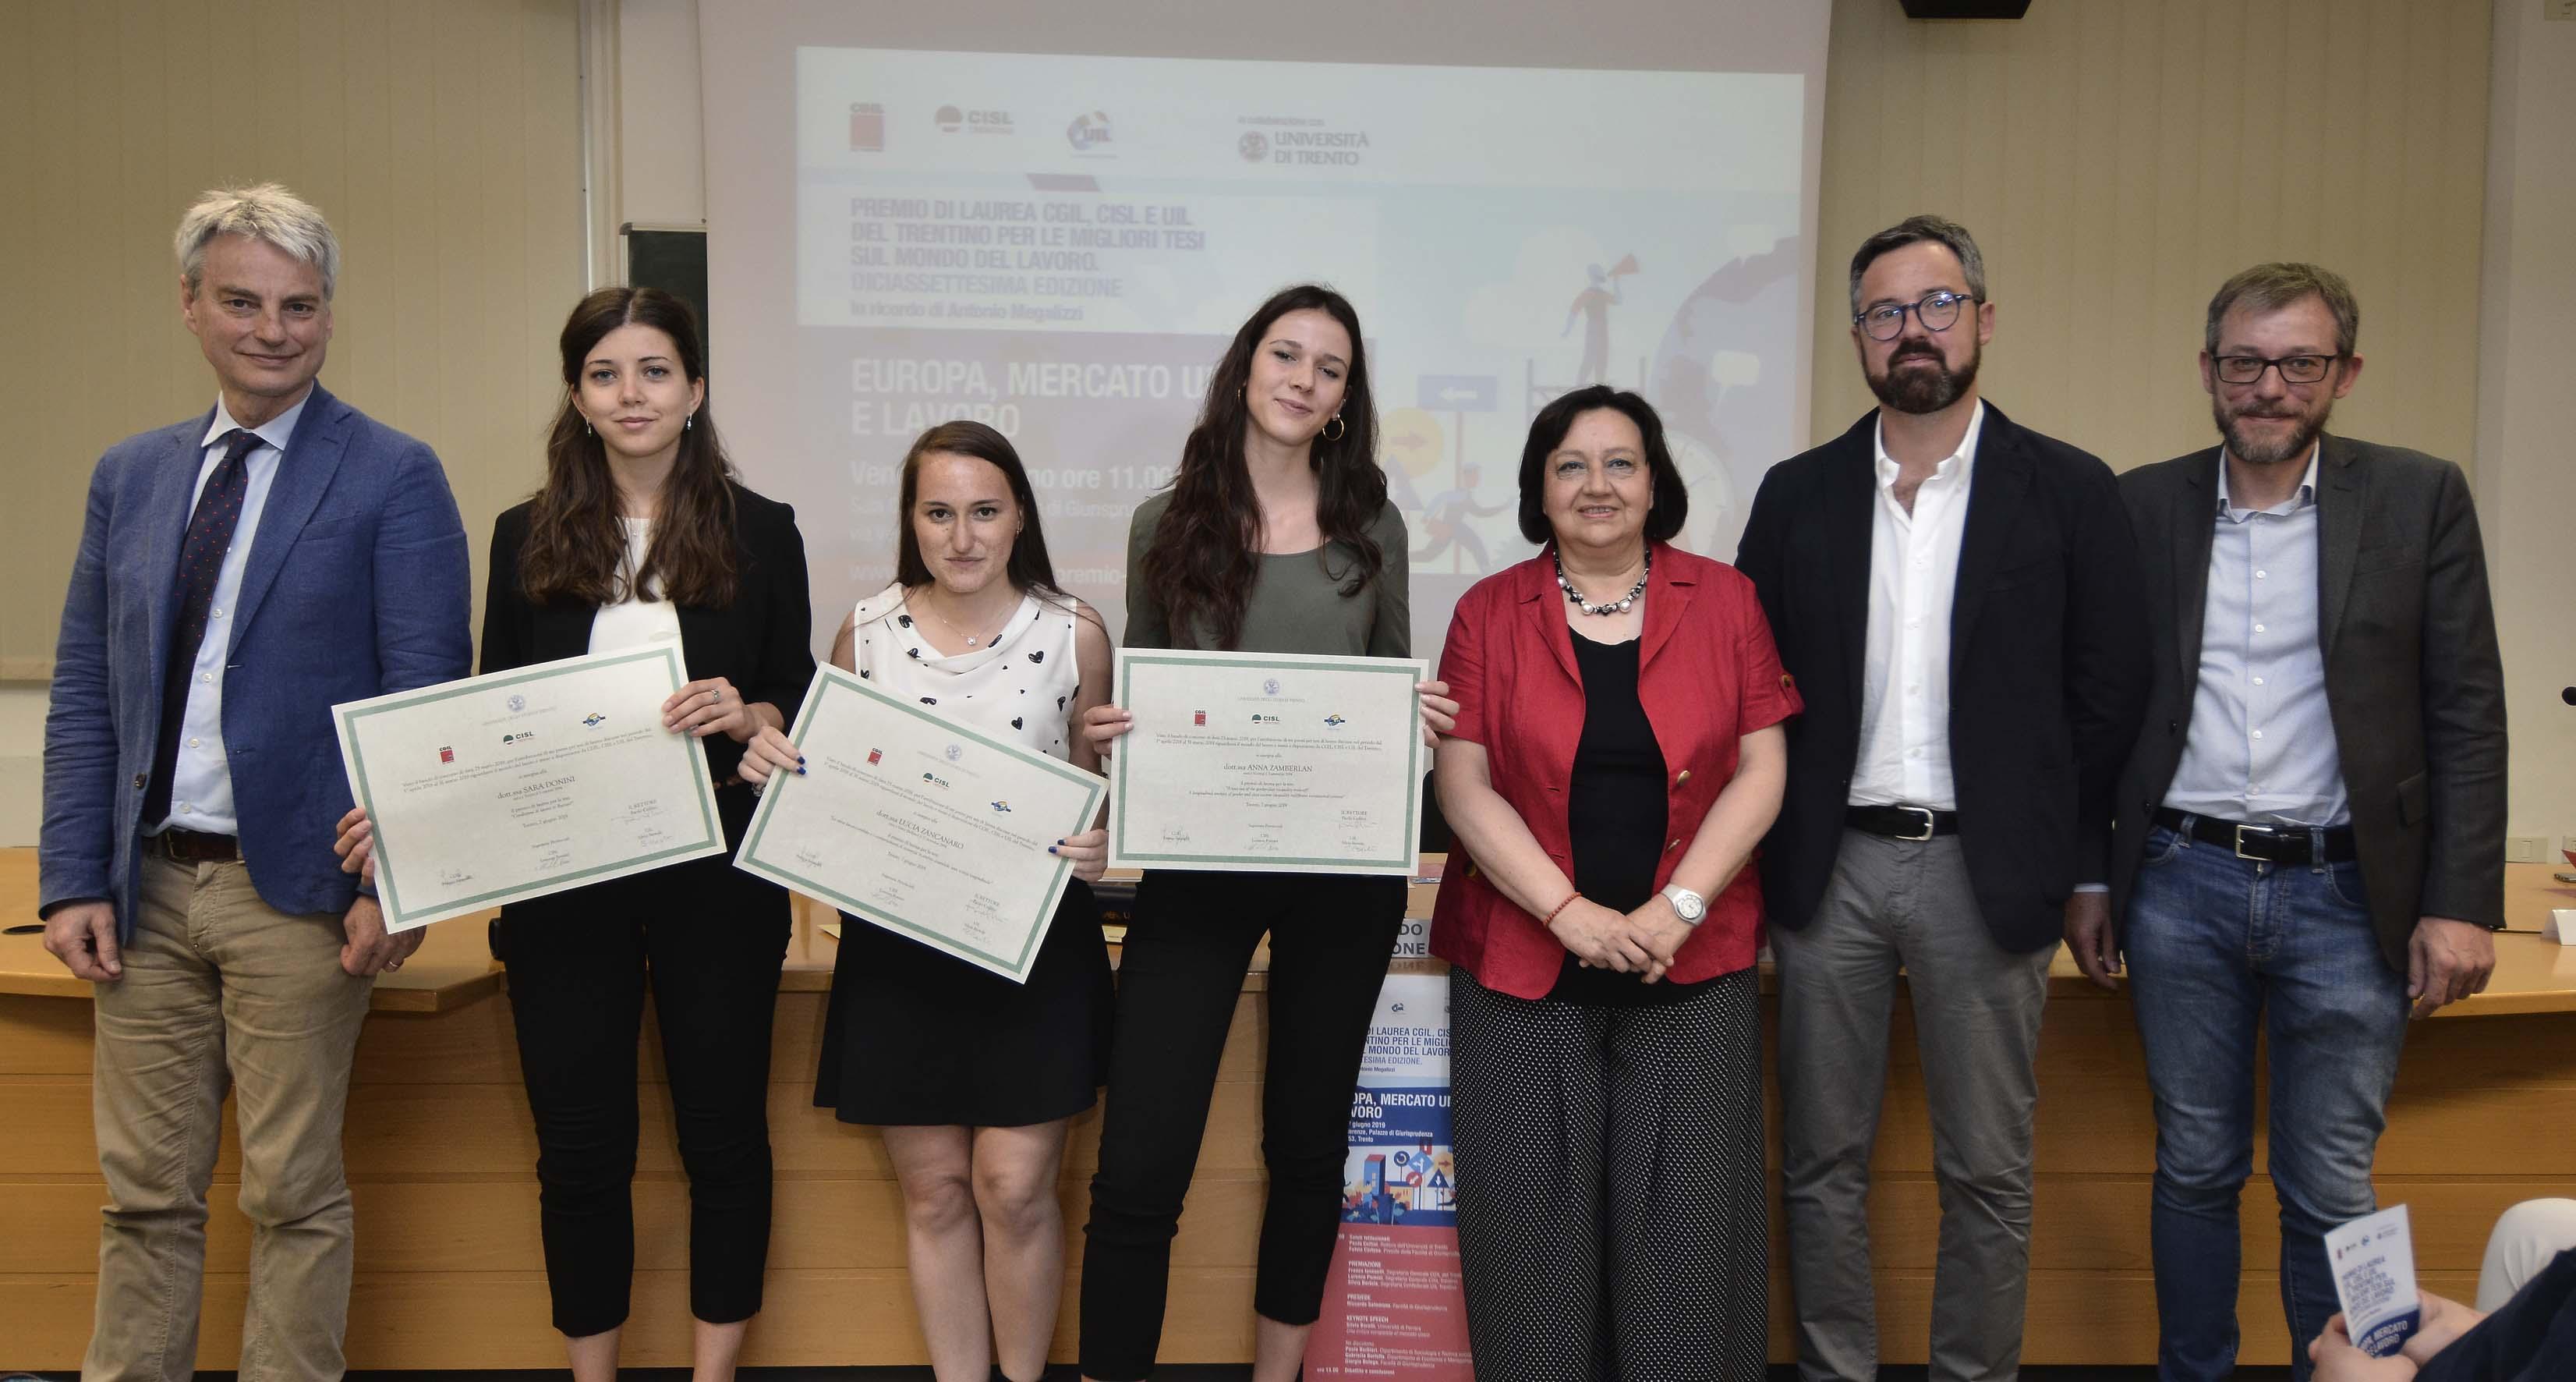 Premio Cgil Cisl E Uil Del Trentino A Tre Tesi Di Laurea Sul Lavoro La Voce Del Trentino